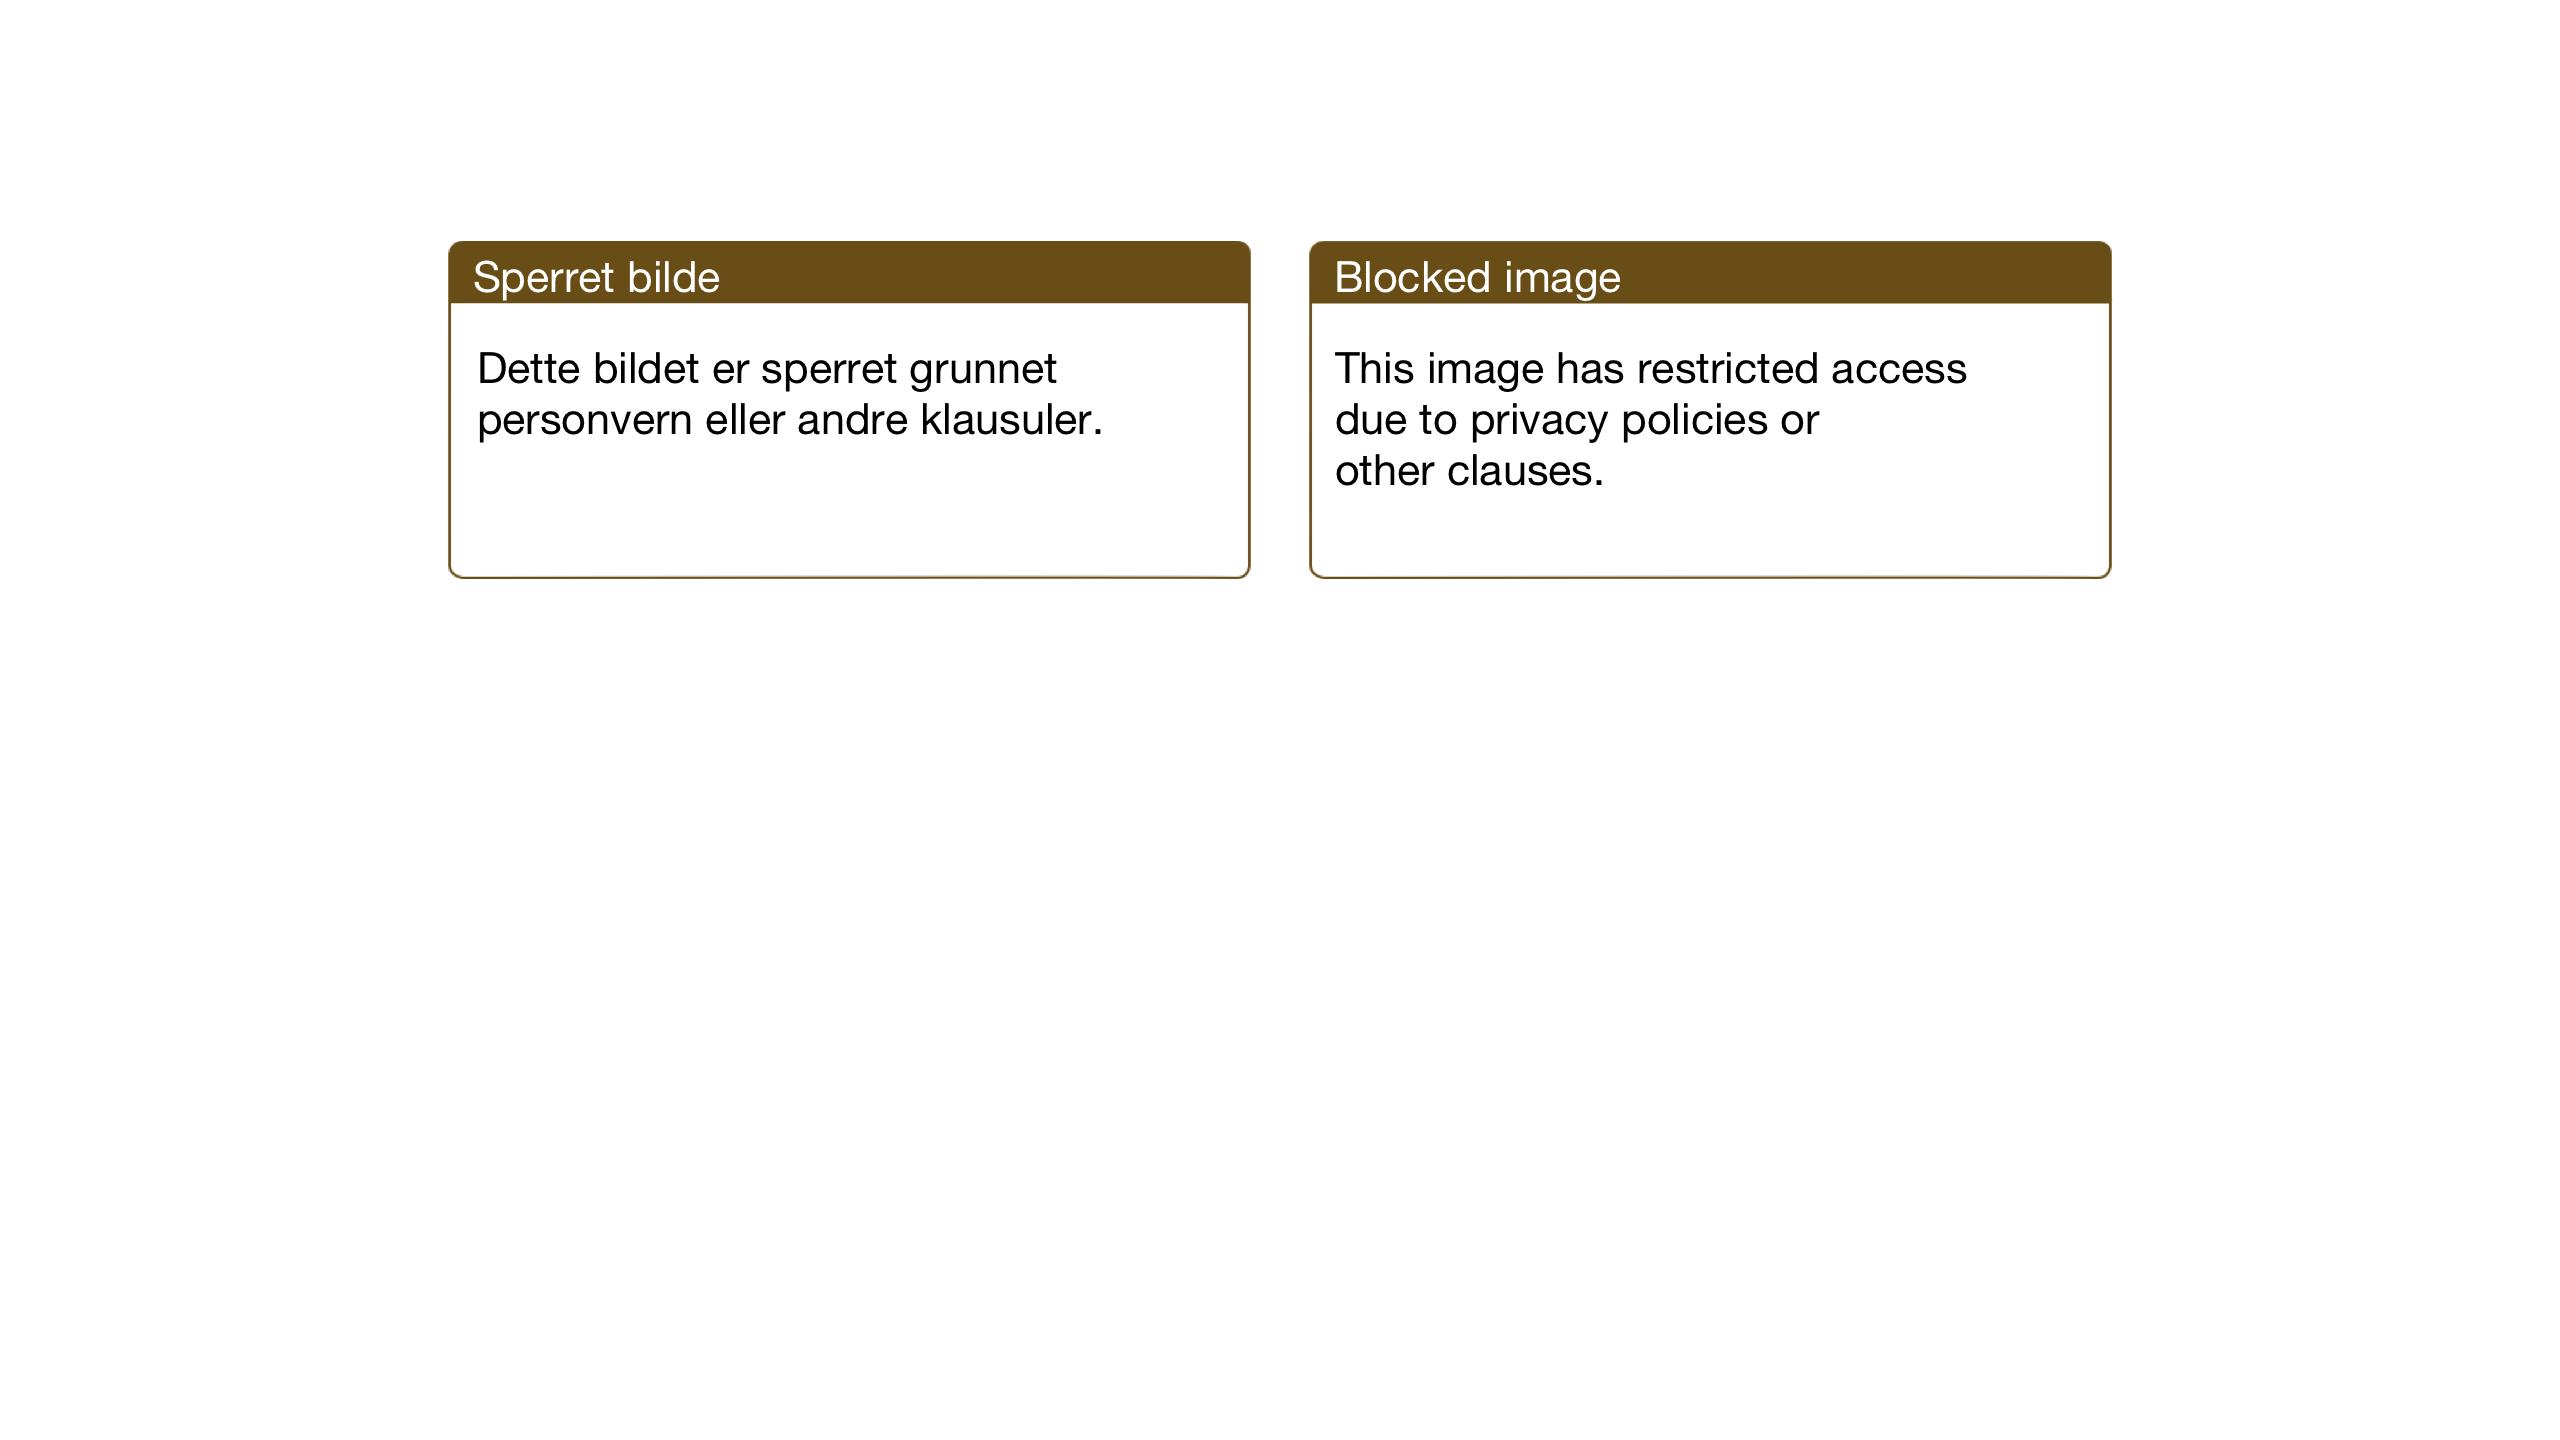 SAT, Ministerialprotokoller, klokkerbøker og fødselsregistre - Sør-Trøndelag, 683/L0951: Klokkerbok nr. 683C03, 1919-1970